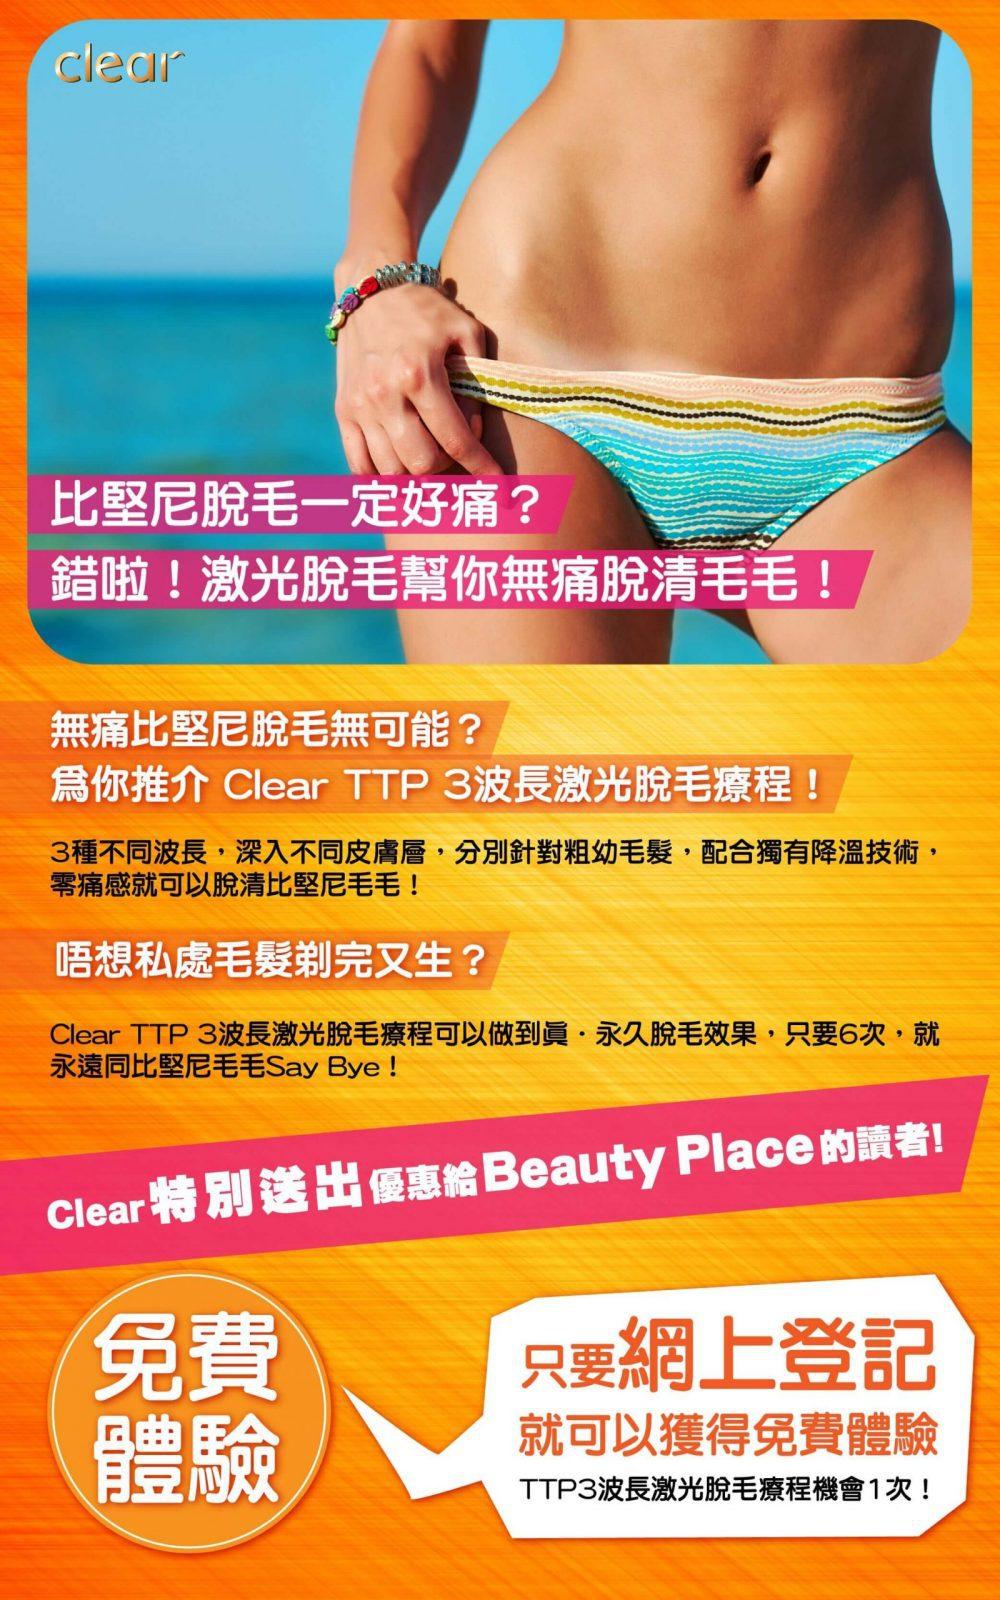 立即網上登記:免費體驗 Clear Hair TTP 3波長激光脫毛療程